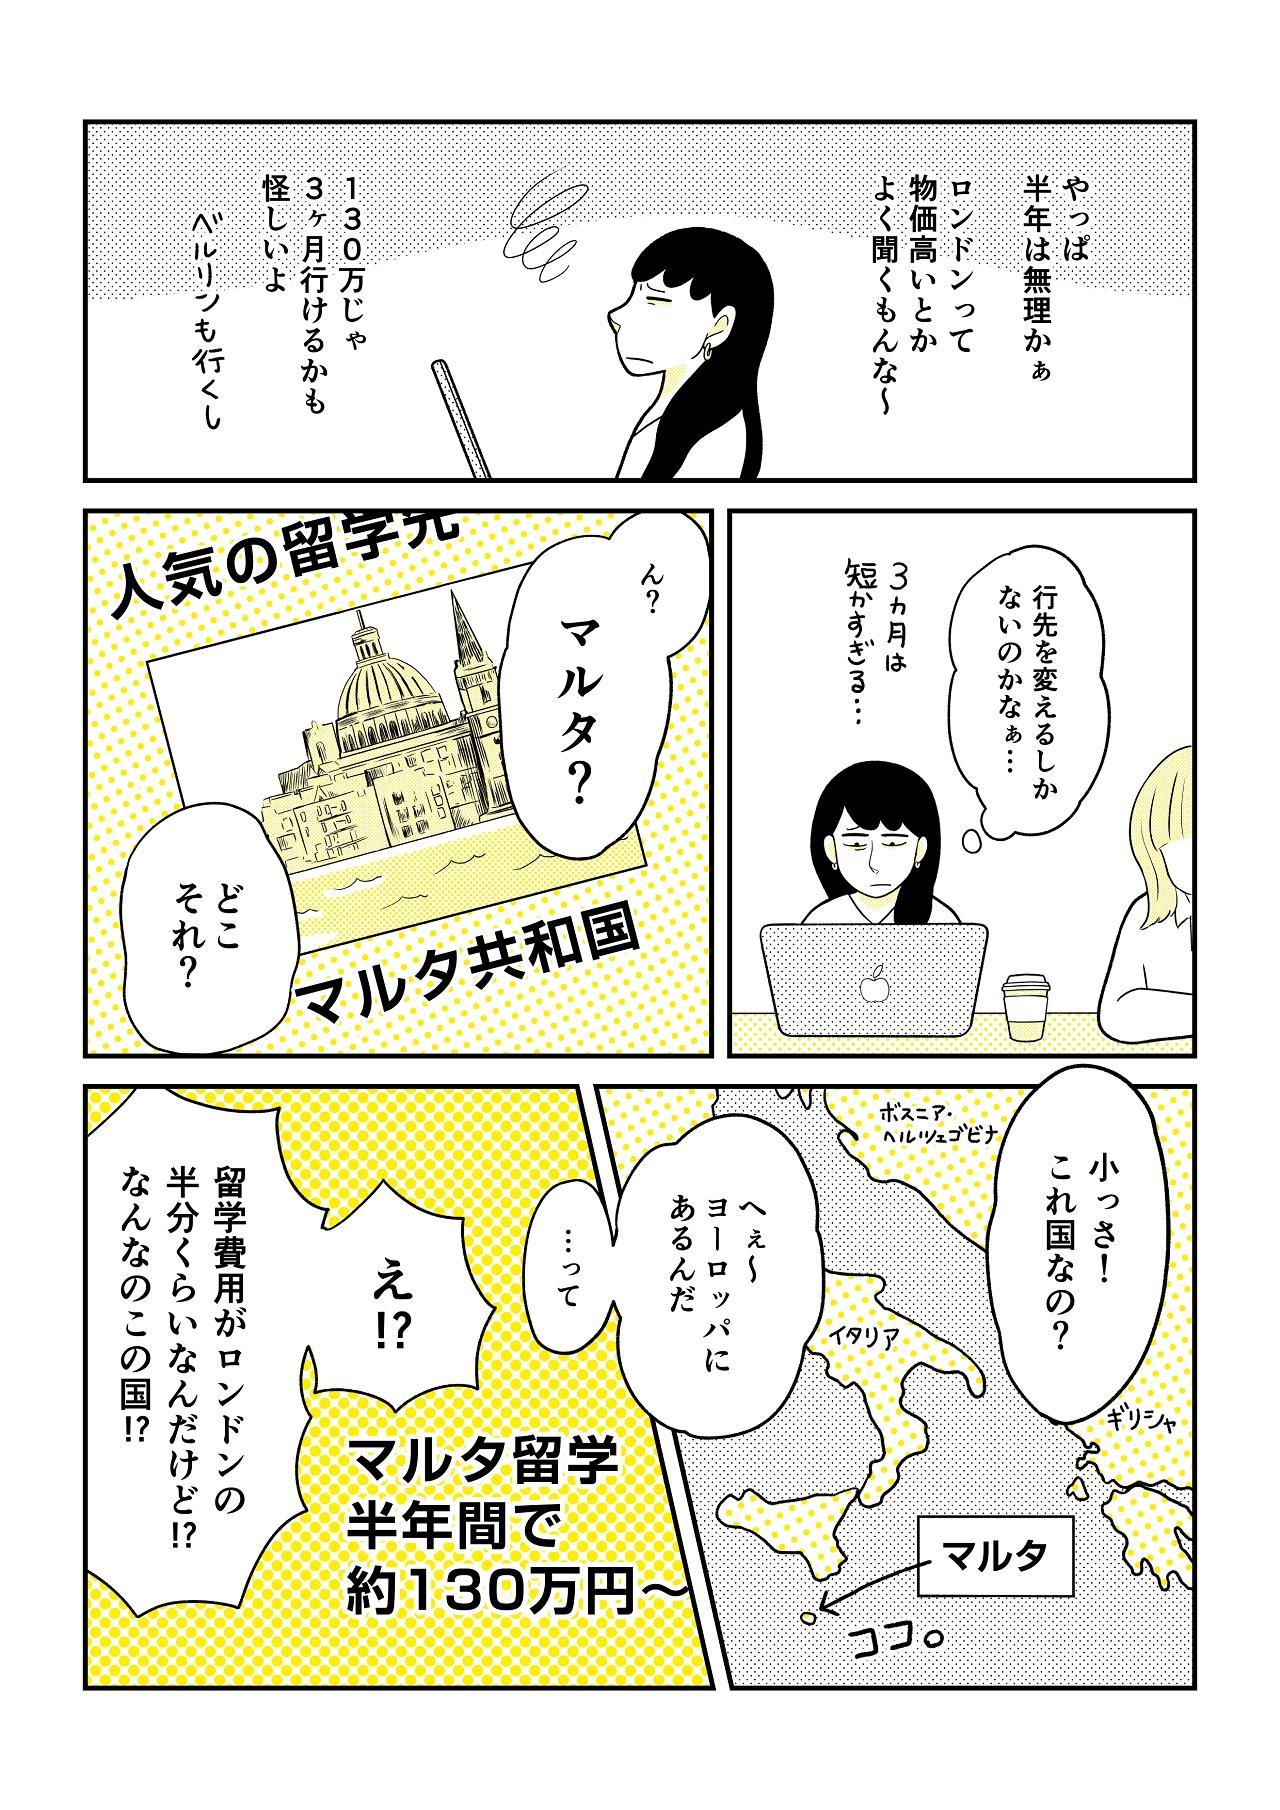 03_03re_1280.jpg